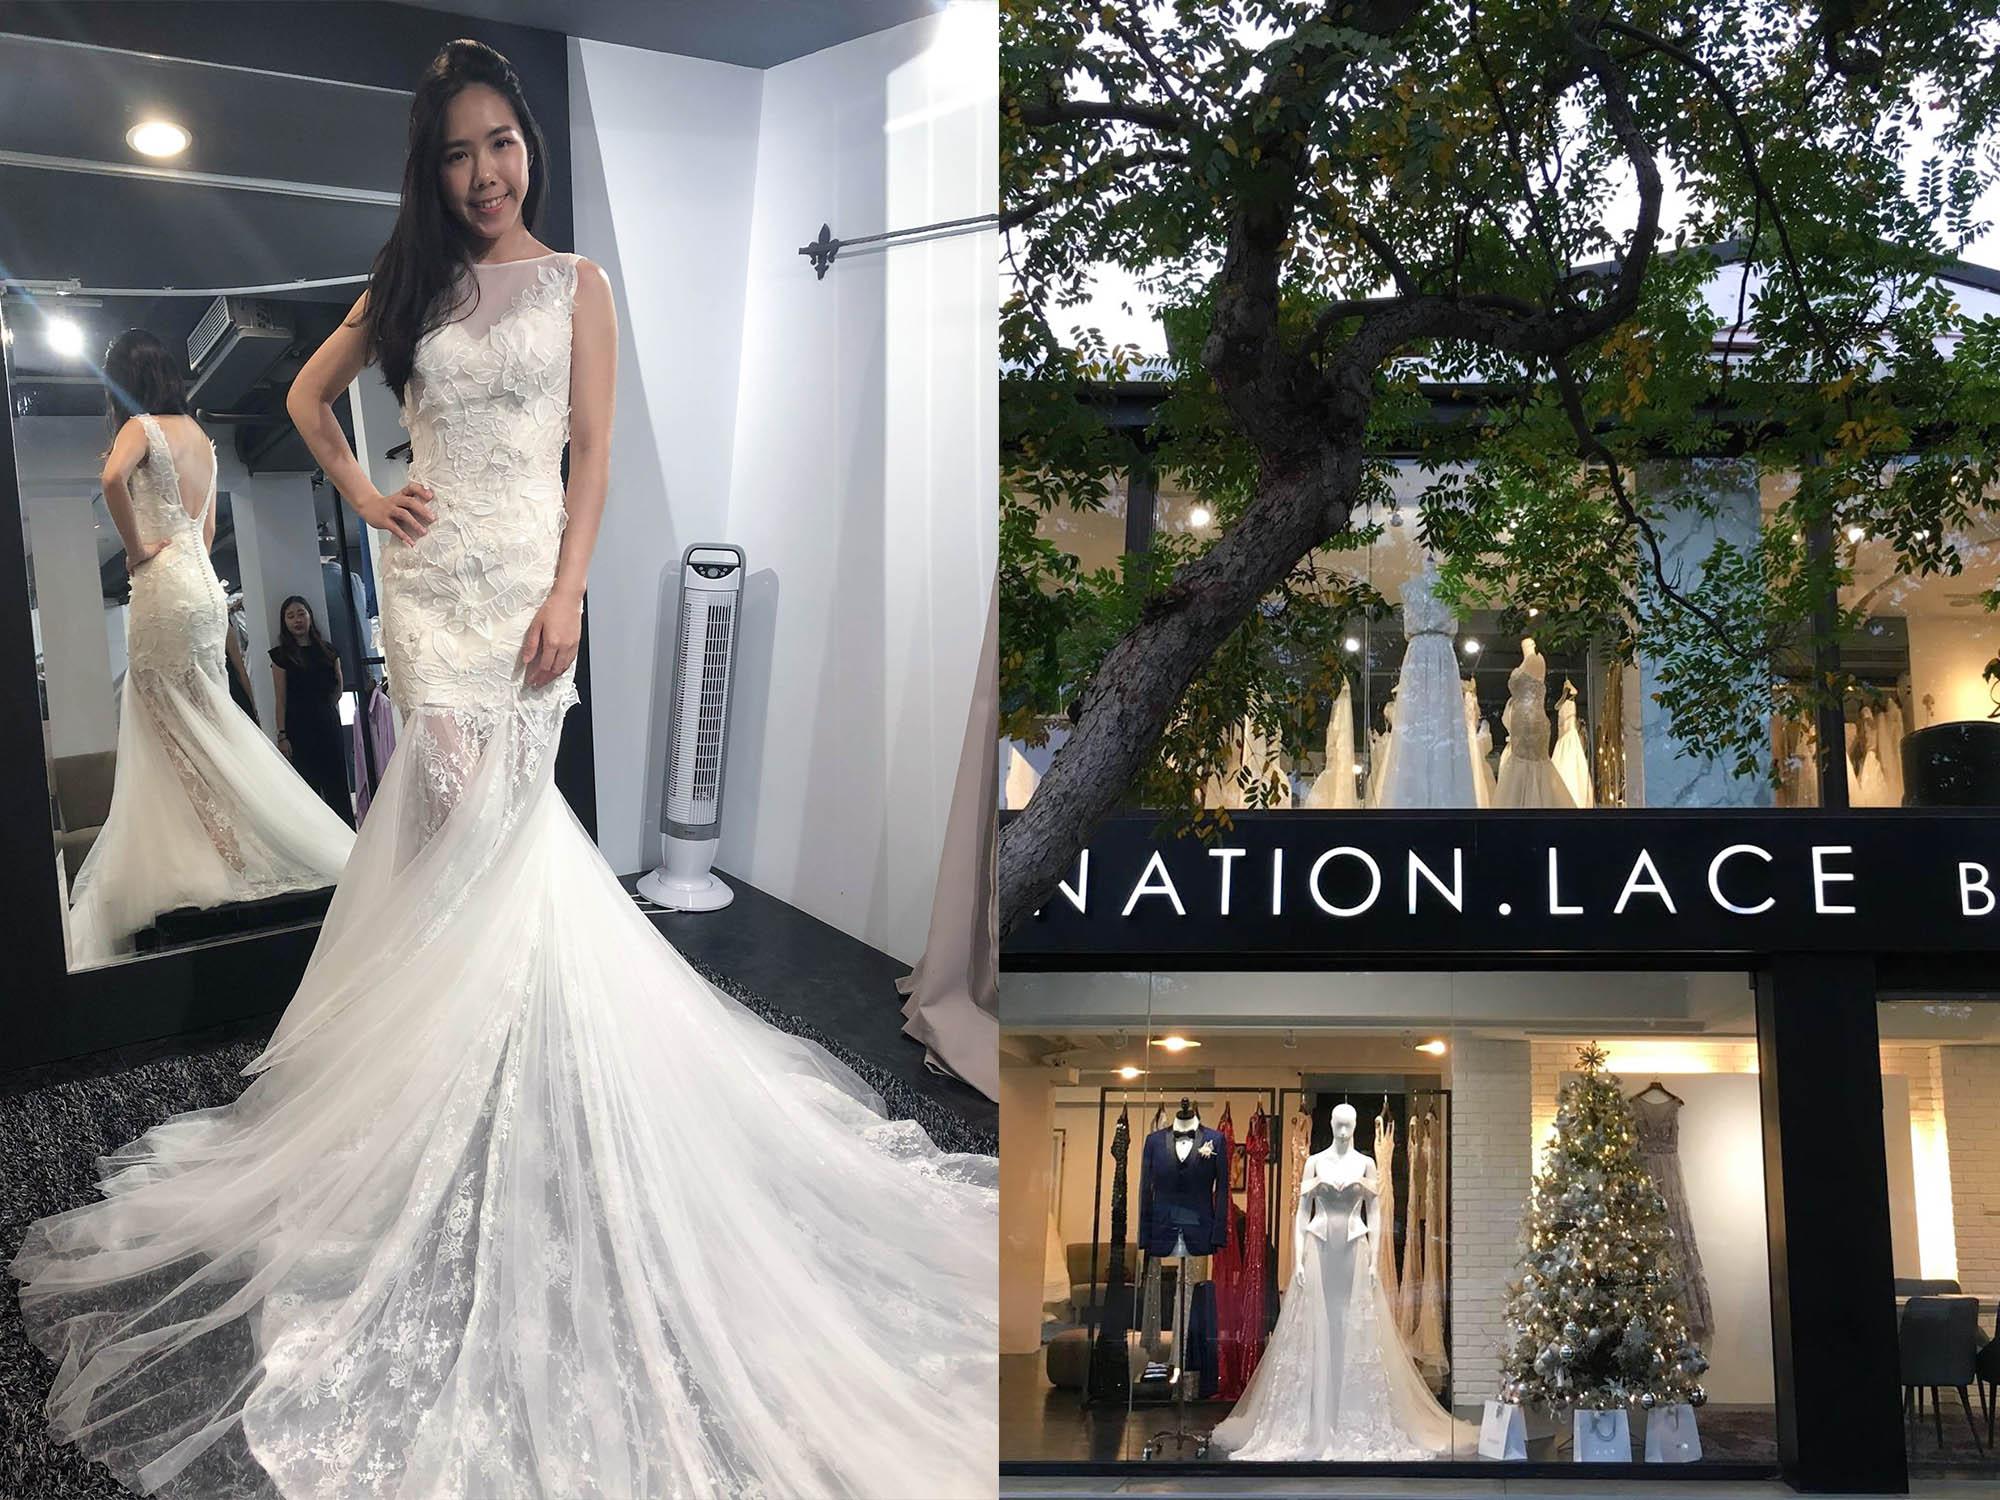 香檳蕾絲Coronation.Lace|歐美系婚紗試穿,沒想像中貴,高C/P值的白紗&禮服試穿